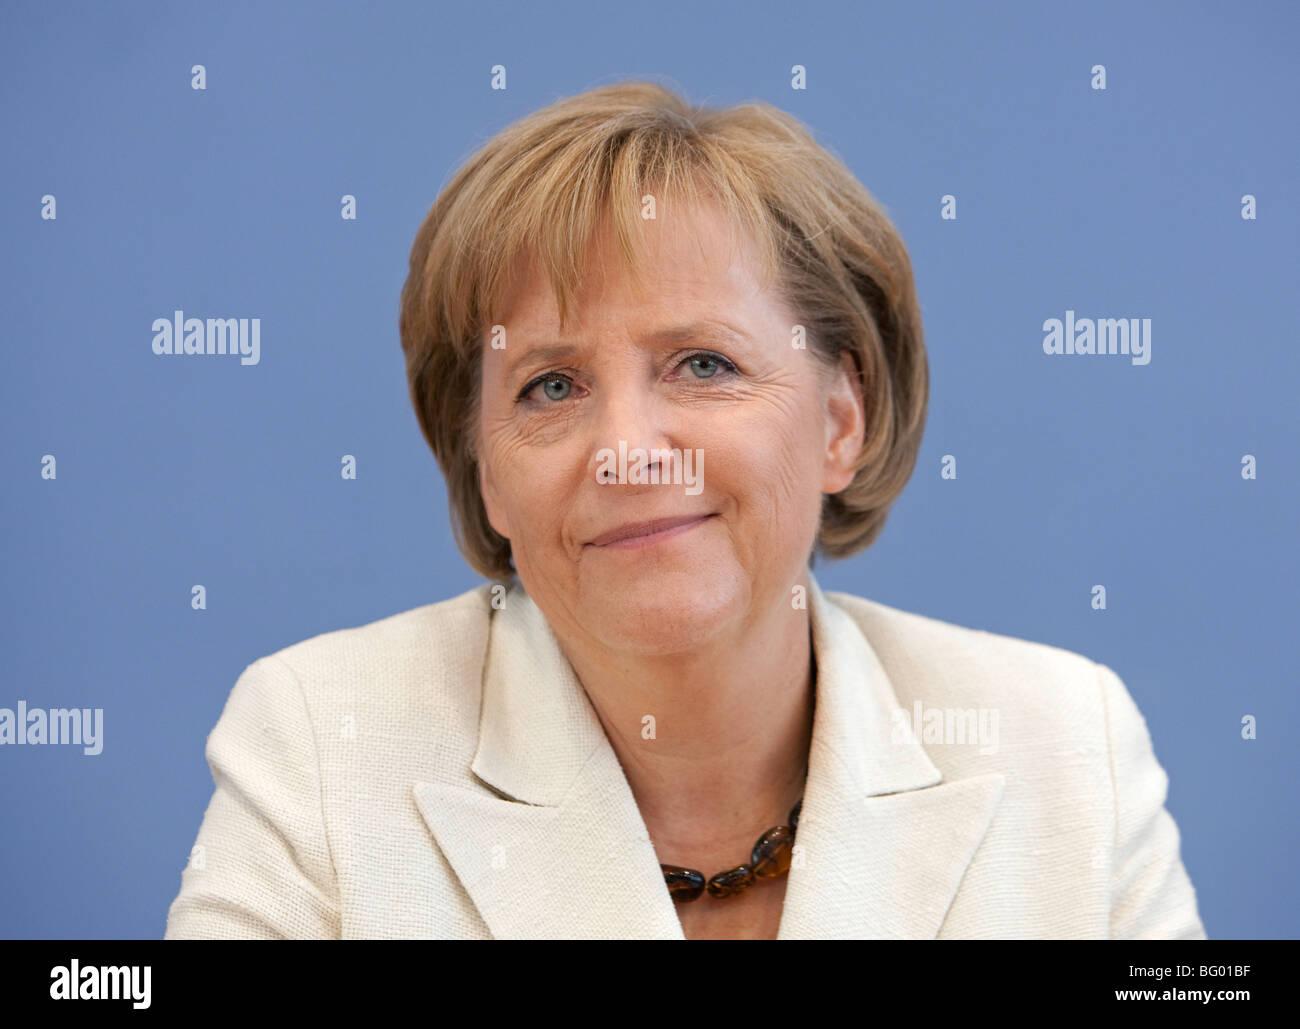 Bundeskanzlerin Angela Merkel, CDU, Deutschland, Berlin, 18.09.2009 Stockbild